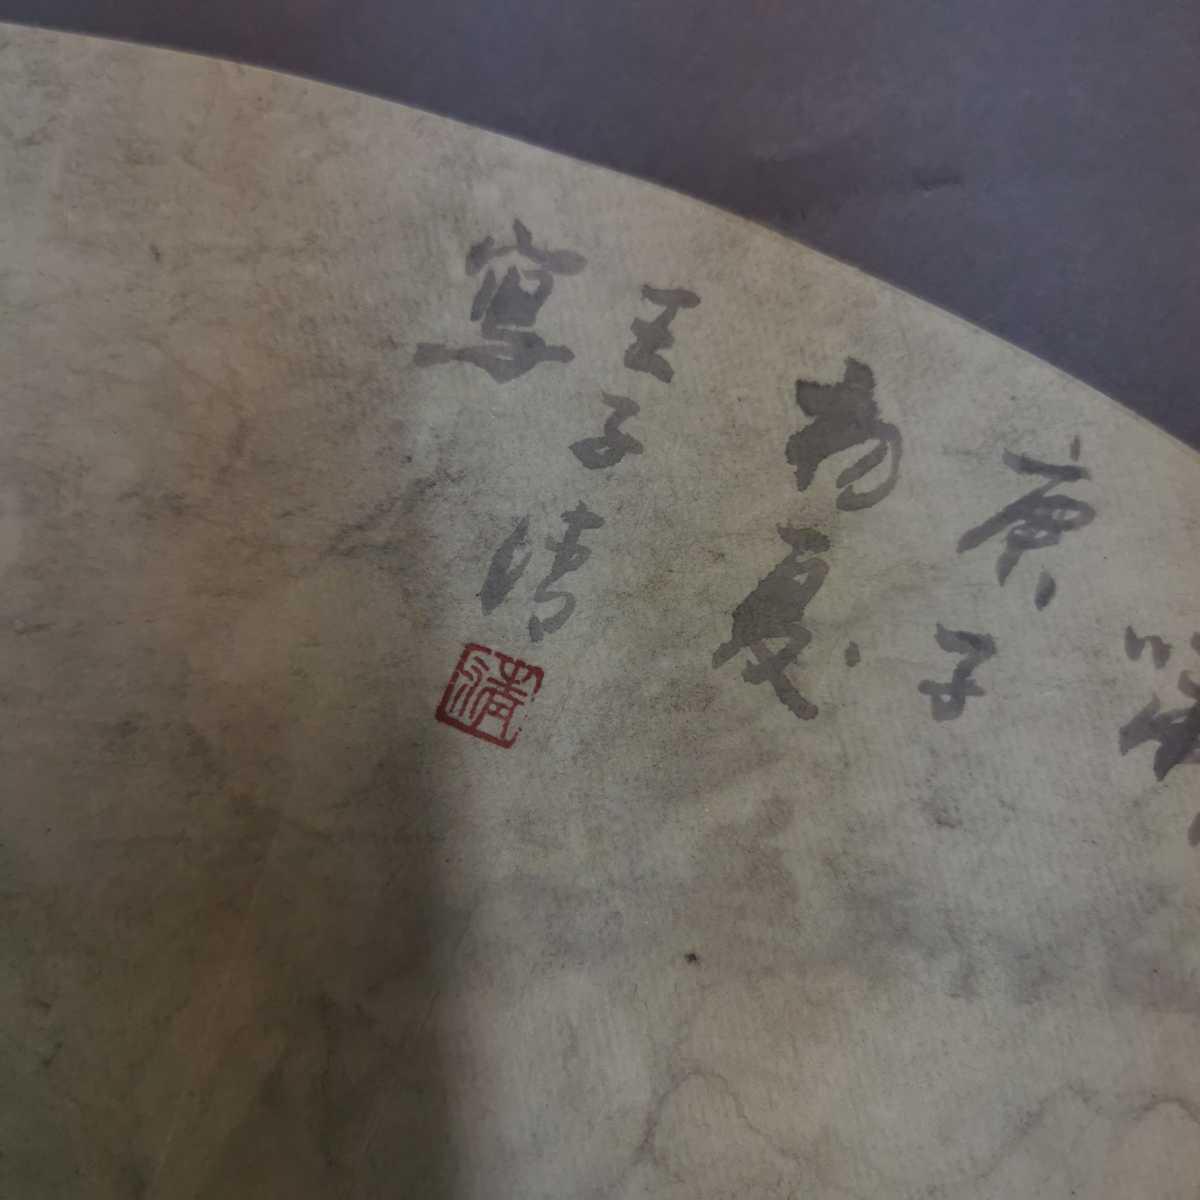 扇面 掛軸 虎図 紙本 肉筆保証 掛け軸 時代物 在銘 中国古美術 中国美術 古玩 古董 時代物 唐物 000307_画像4